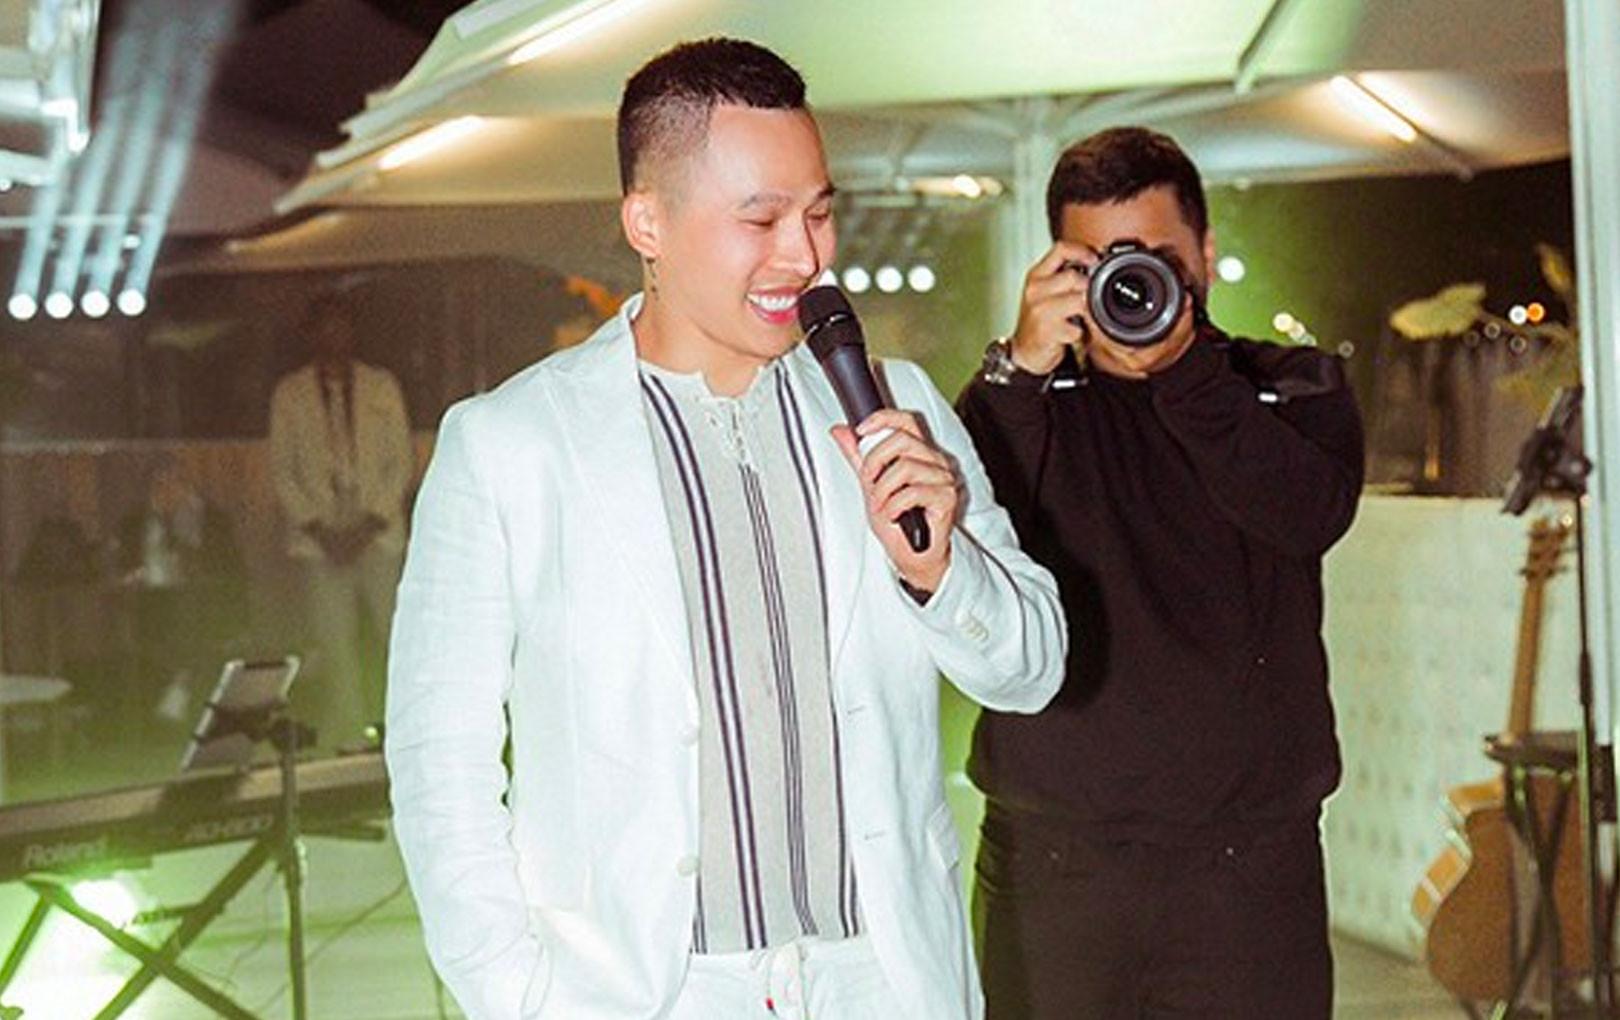 Tiệc ở Cannes đã qua 2 tháng, ông bầu Vũ Khắc Tiệp vẫn bị tố quỵt hàng trăm triệu đồng tiền đặt chỗ